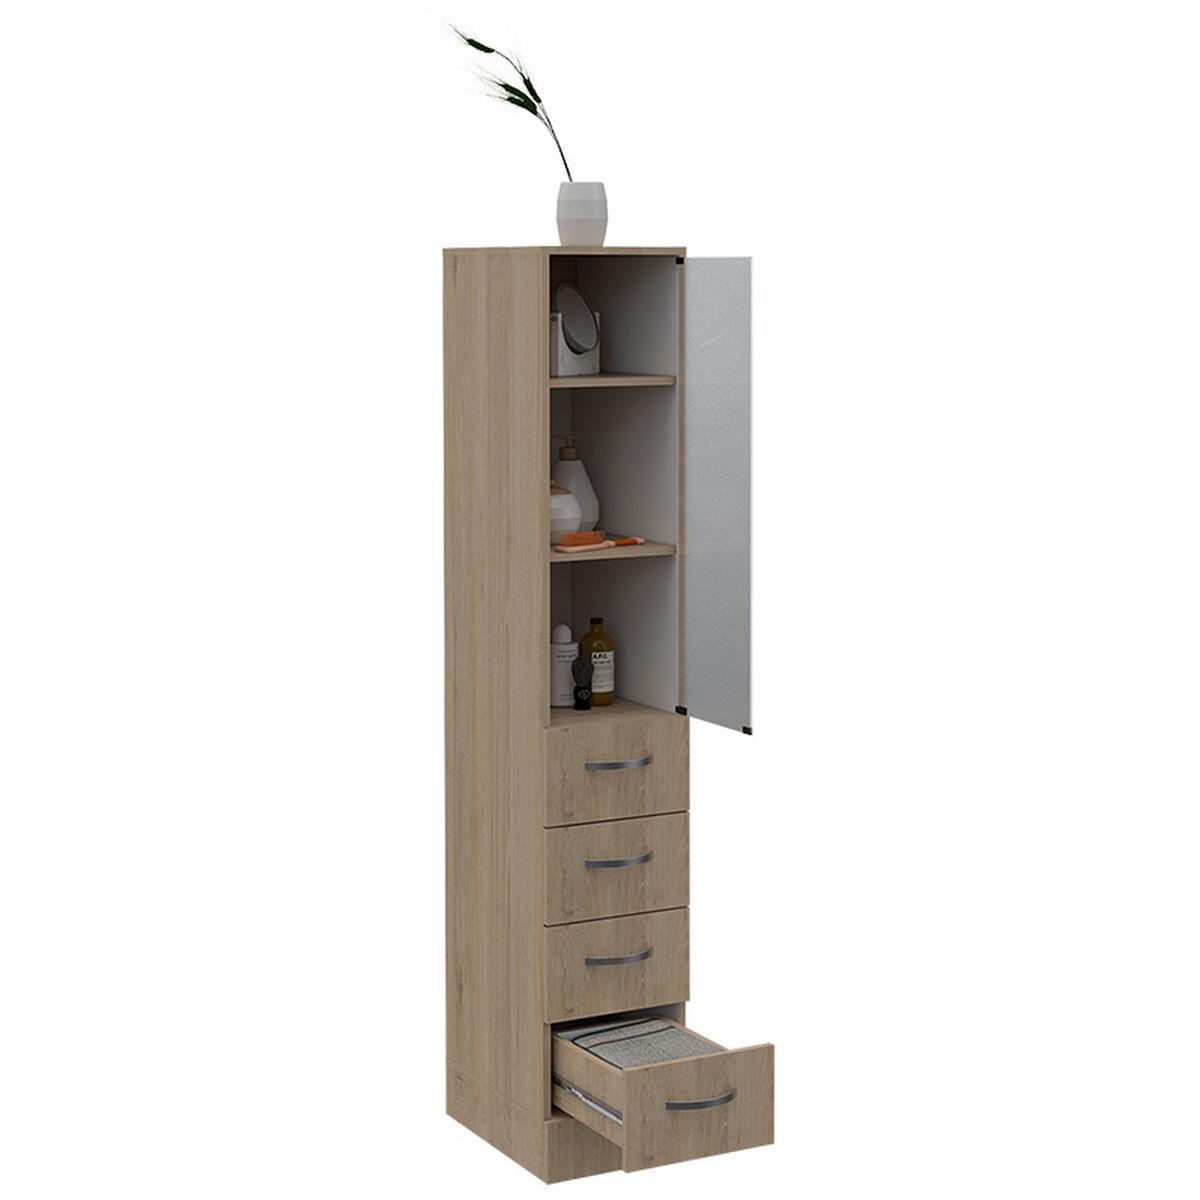 Set Muebles Torre de Baño + Mueble + Auxiliar + Espejo+ Lavamanos